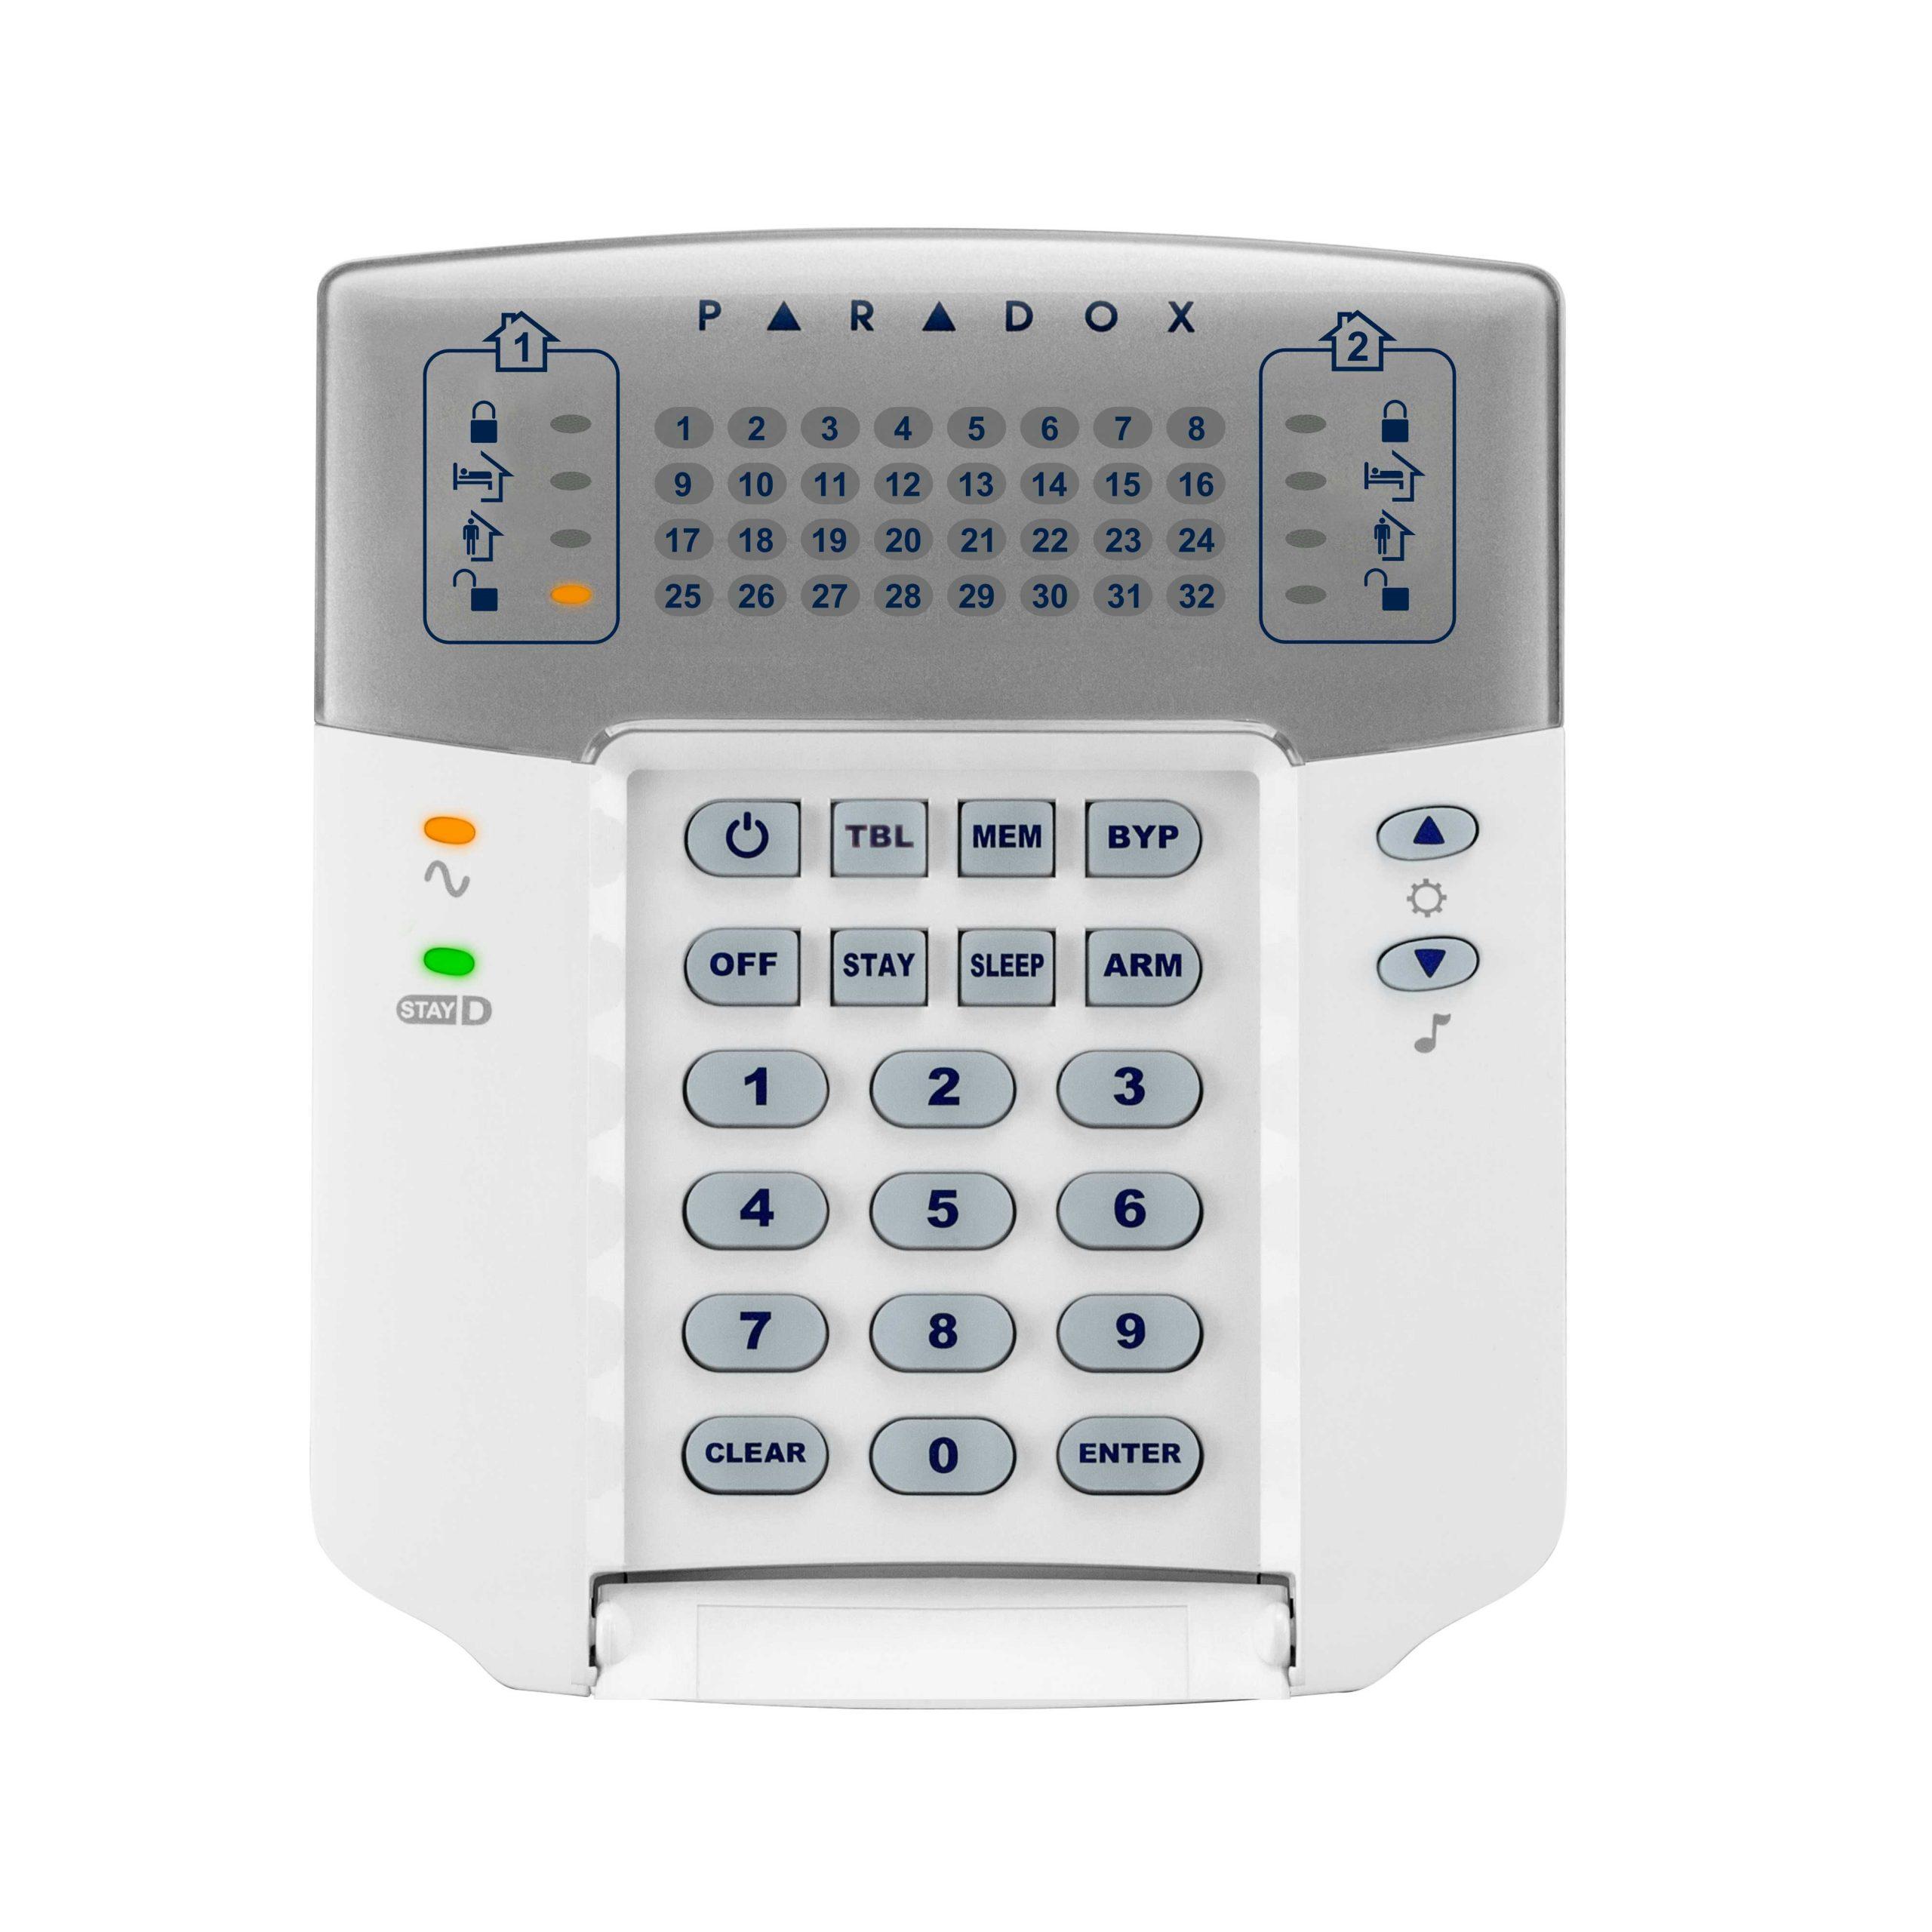 ماژول صفحه کلید LED 32 هارددیسک 32 منطقه ایK32 +پارادوکس